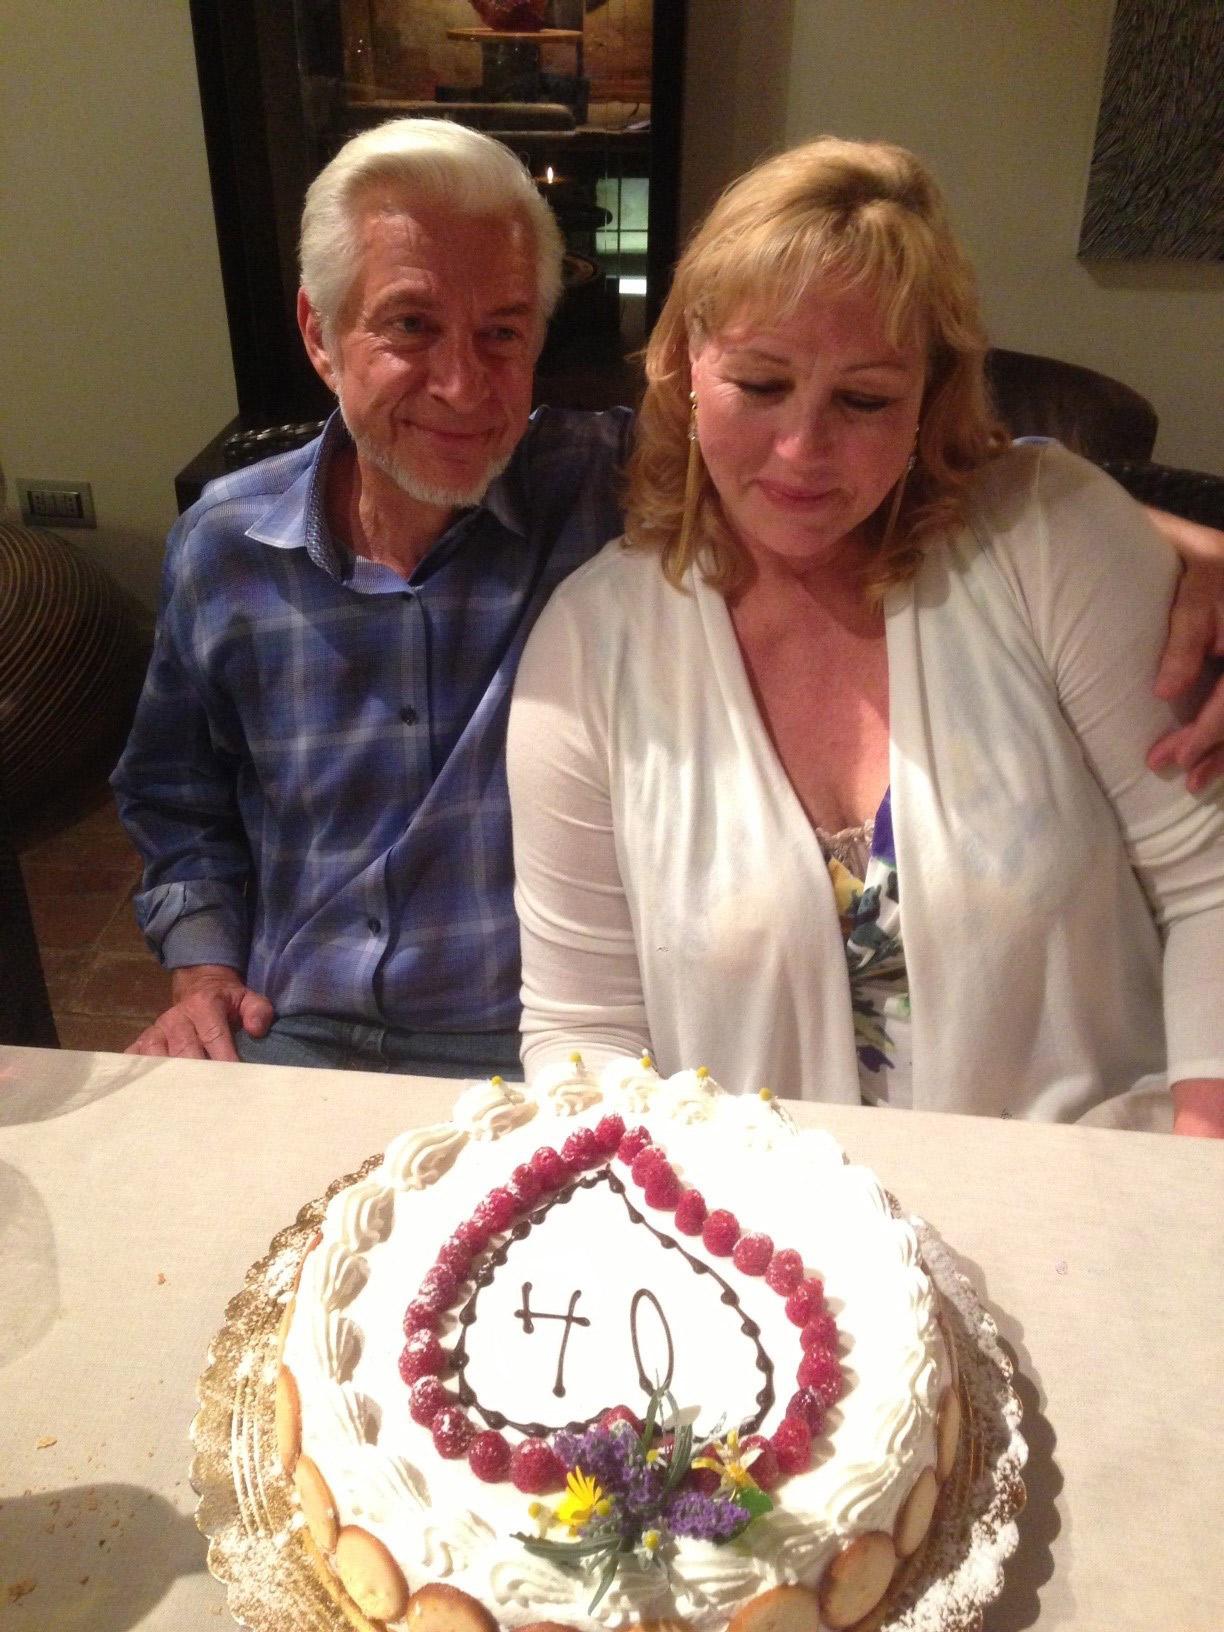 Dr. Fischer and wife Leenie